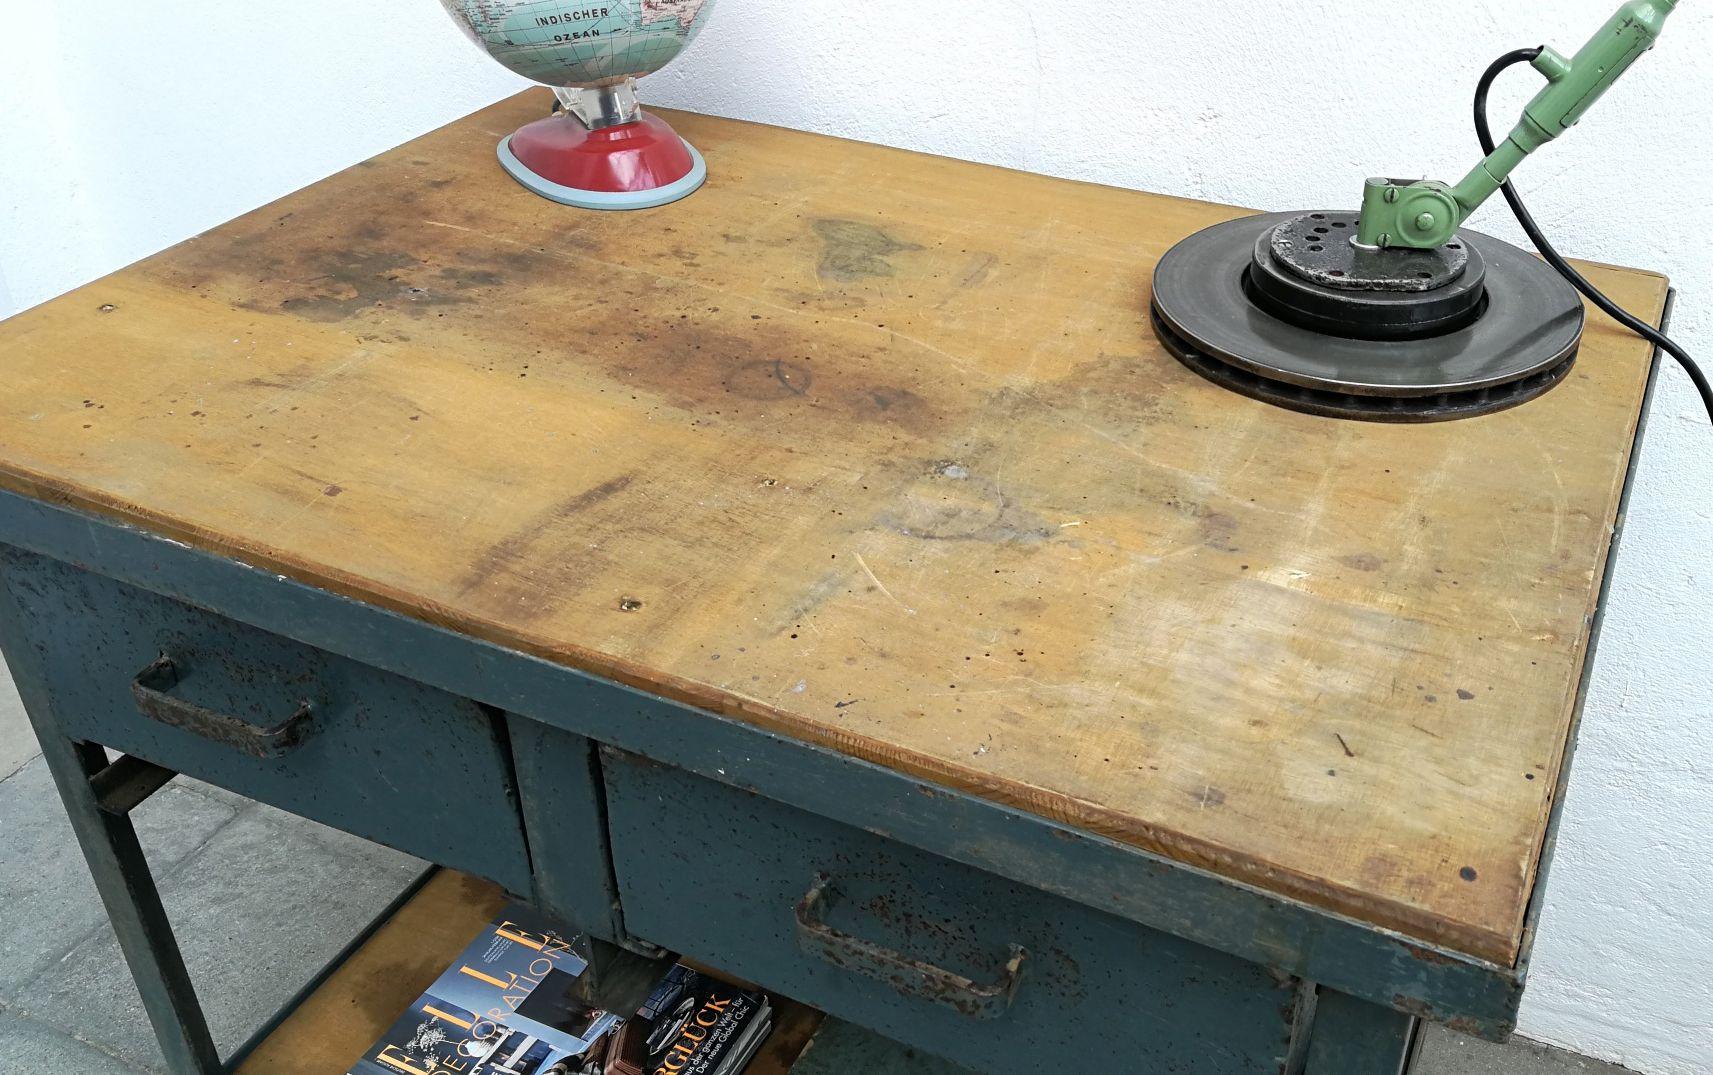 Tavoli Da Lavoro Vintage : Tavolo da lavoro vintage germania in vendita su pamono